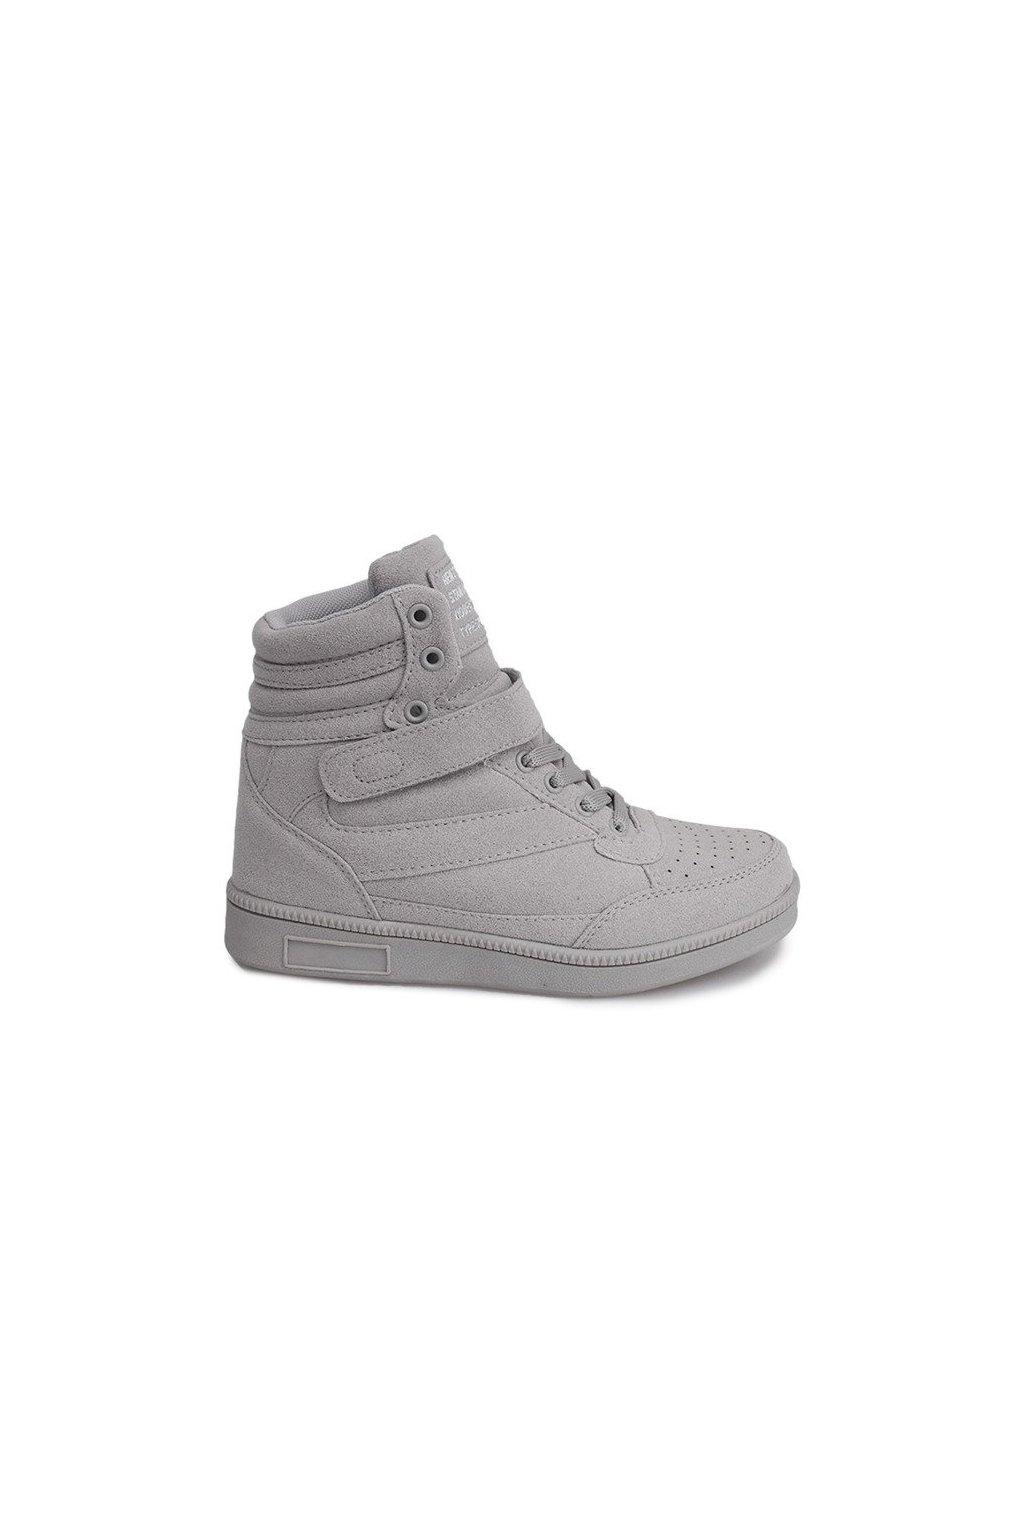 Dámske topánky tenisky sivé kód B780 - GM